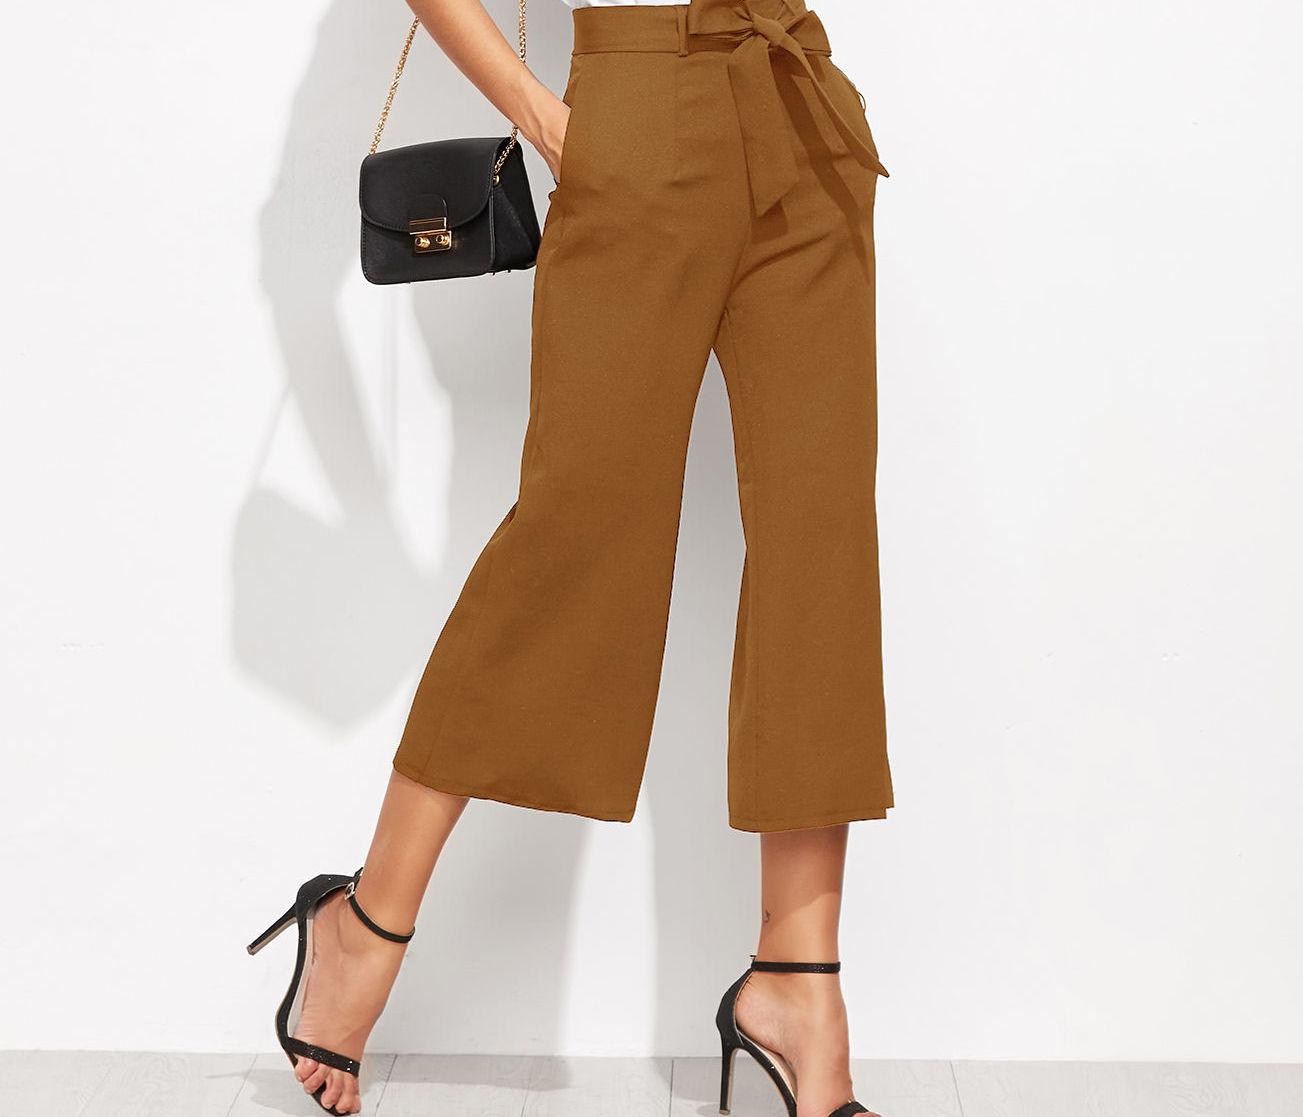 Moda Pantalones De Tela Casual Y Formal Se Aduenan Del Look Sporty